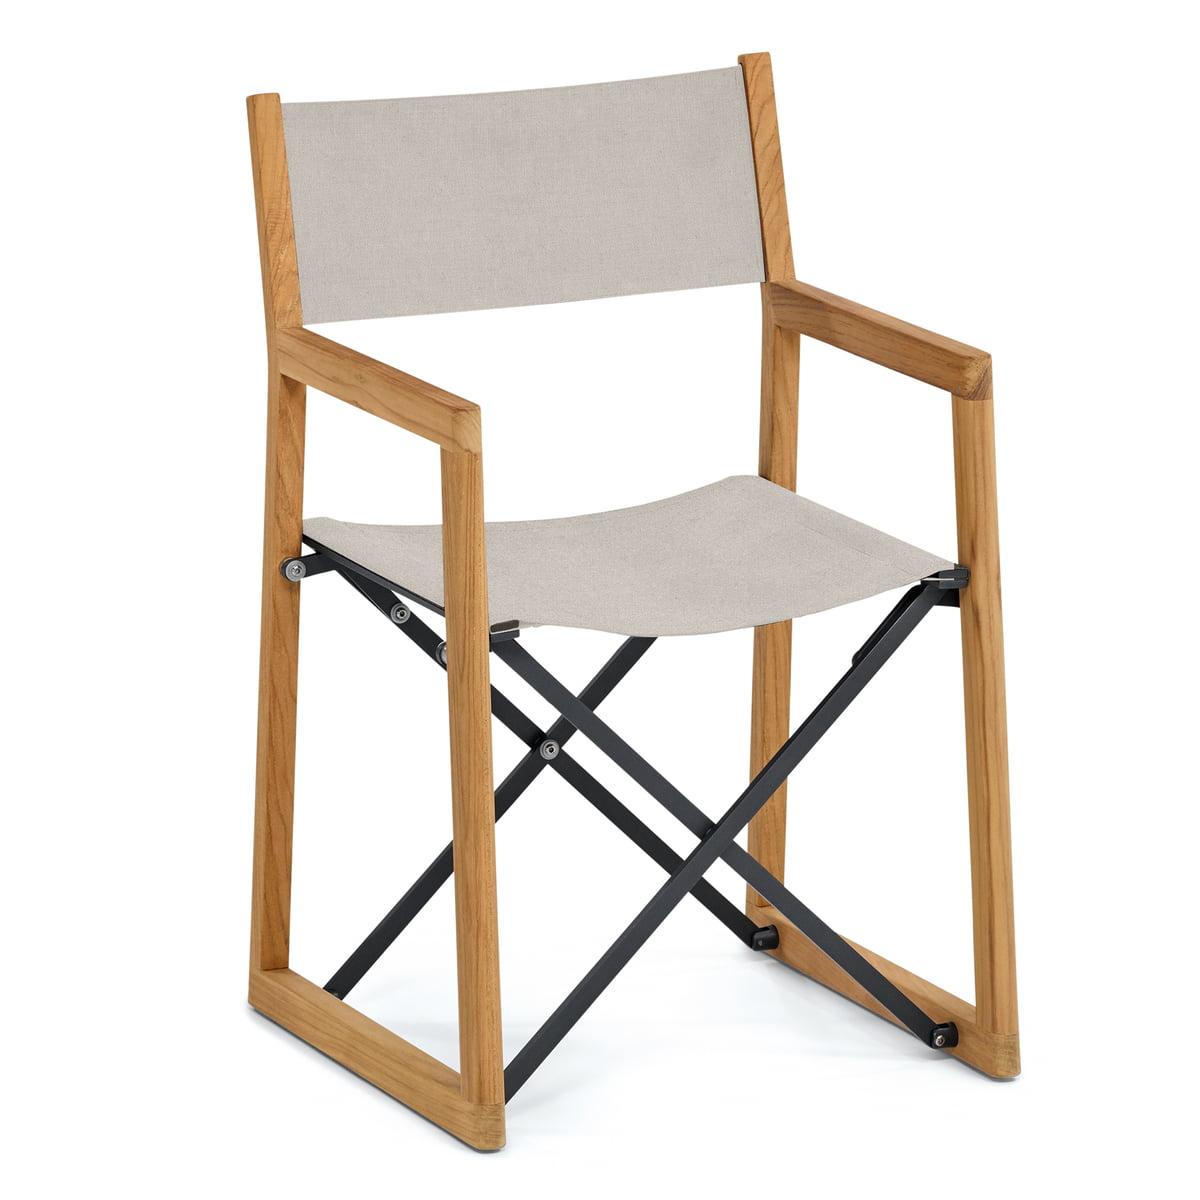 Chaise Pliante Loft De Weishupl